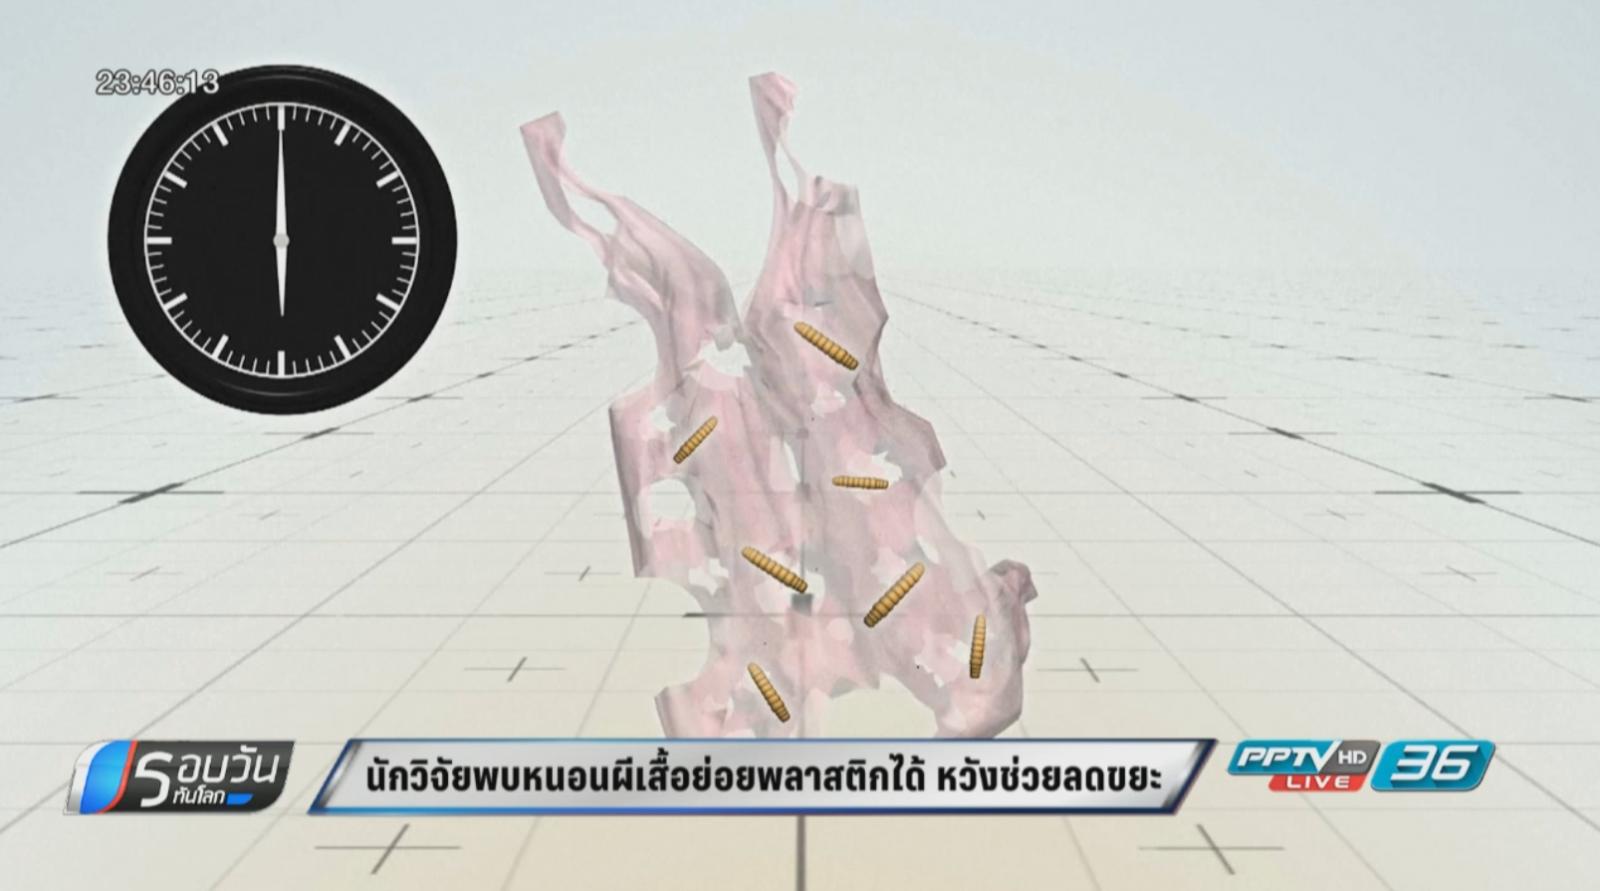 นักวิจัยพบหนอนผีเสื้อย่อยพลาสติกได้ หวังลดปัญหาขยะ